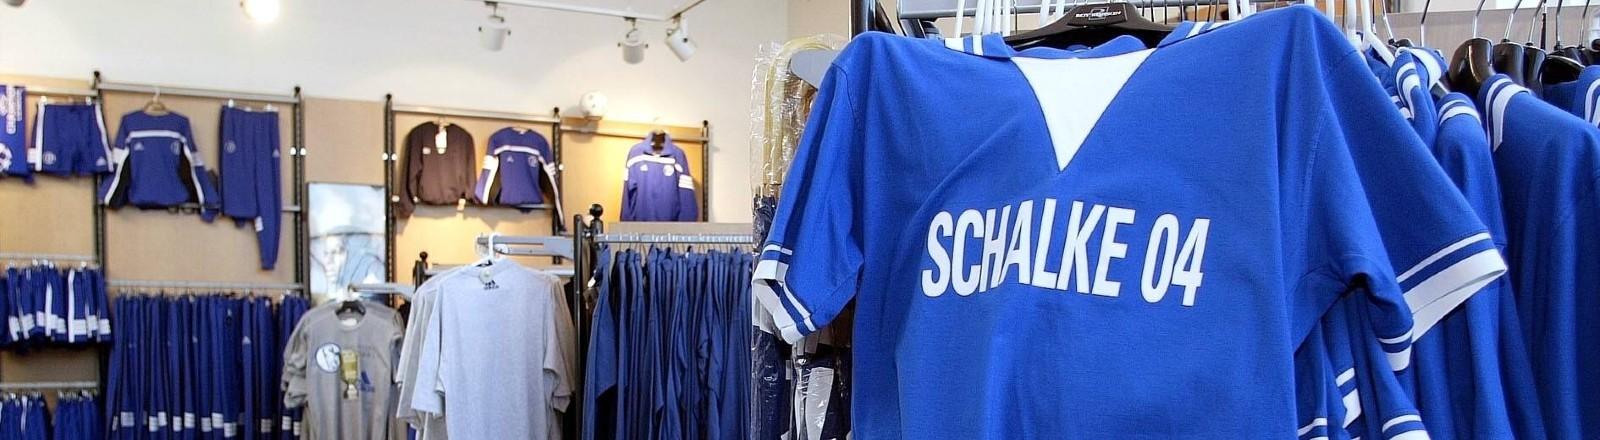 Ein Schalke Fanshop